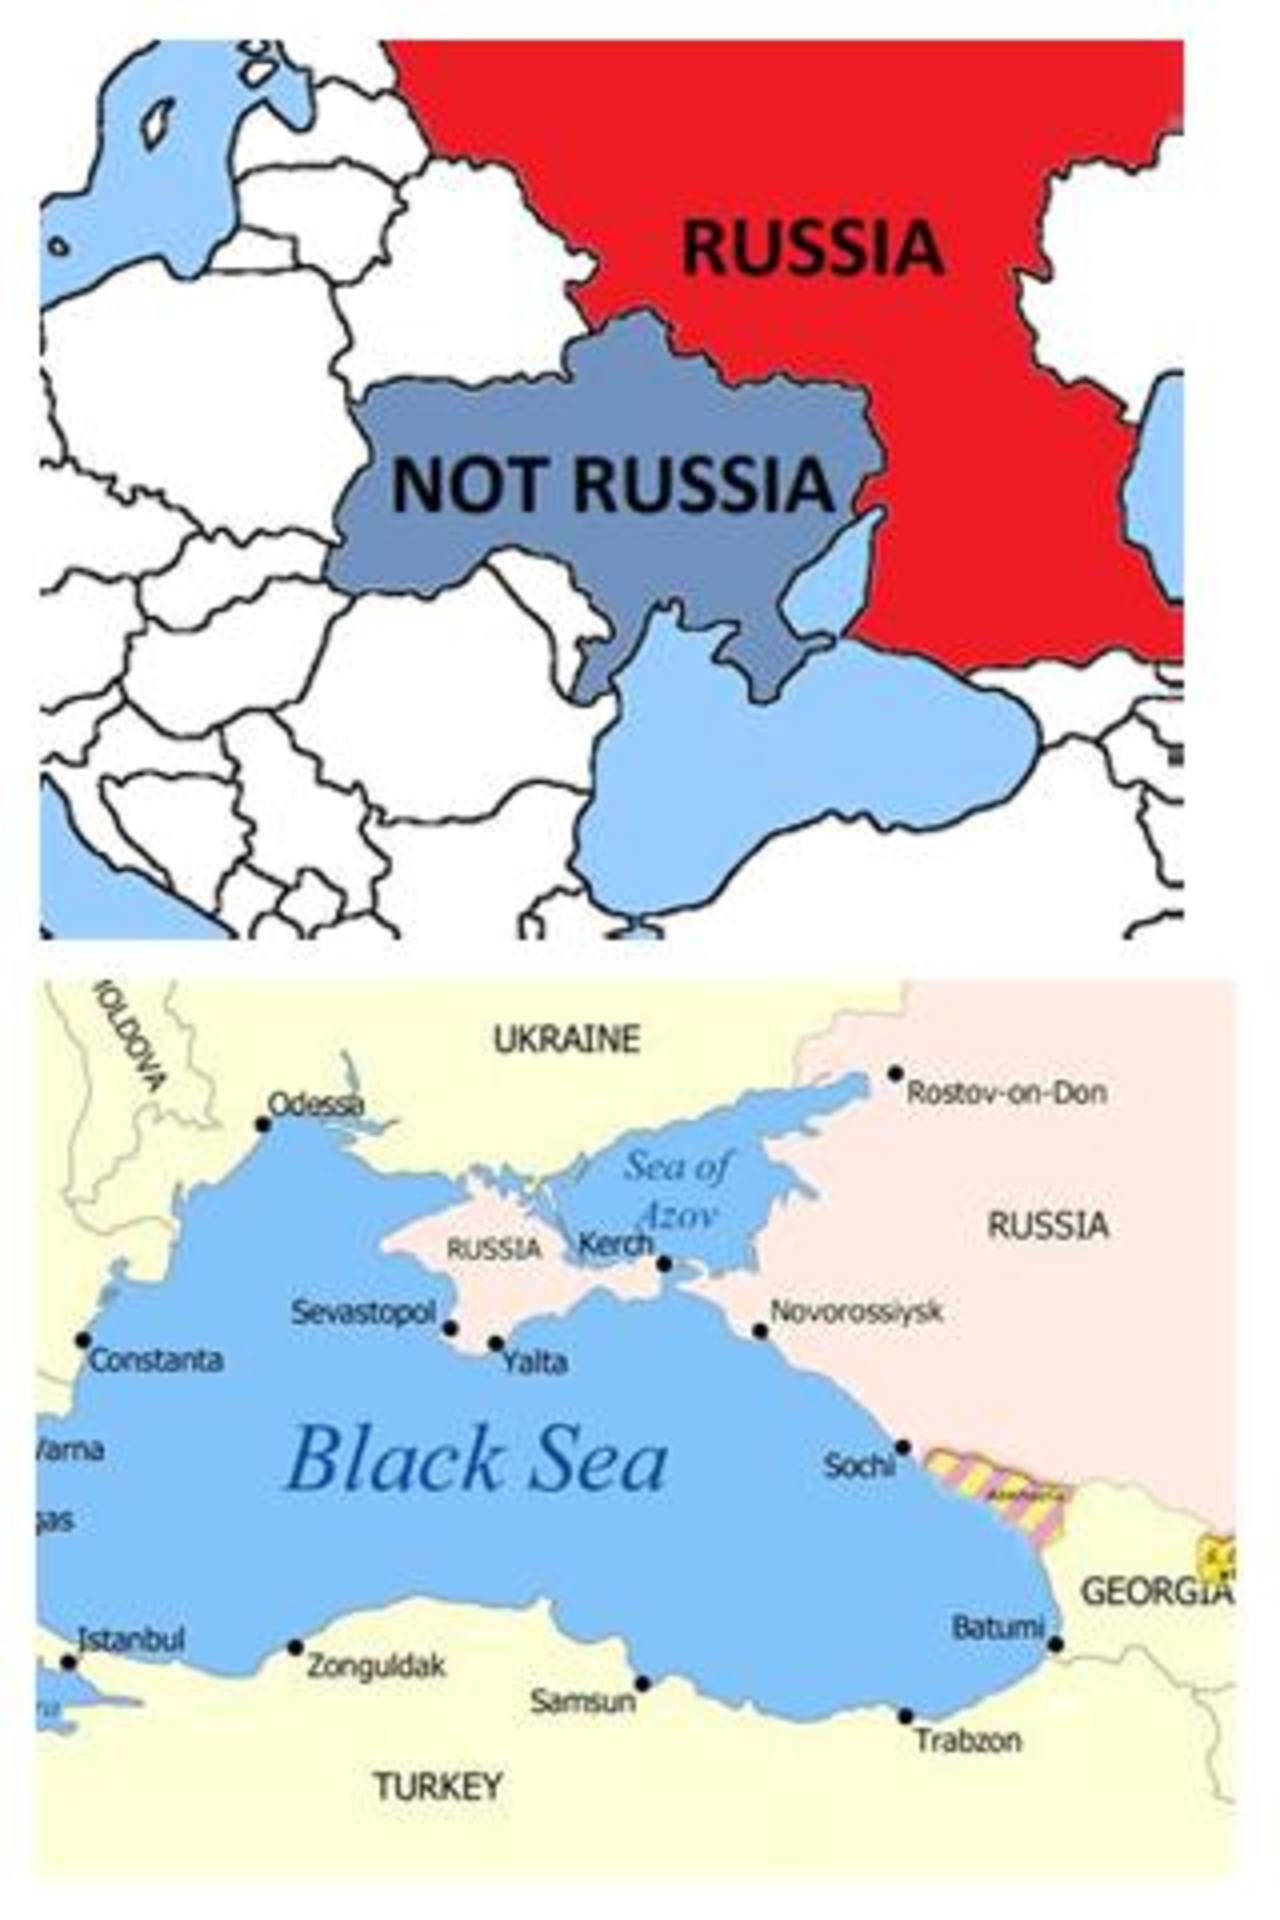 Esta imagen combinada muestra un mapa tuiteado por la Delegación Conjunta de Canadá ante la OTAN el miércoles (arriba) y un mapa tuiteado en respuesta el jueves por la Misión Permanente de Rusia ante la OTAN (abajo).